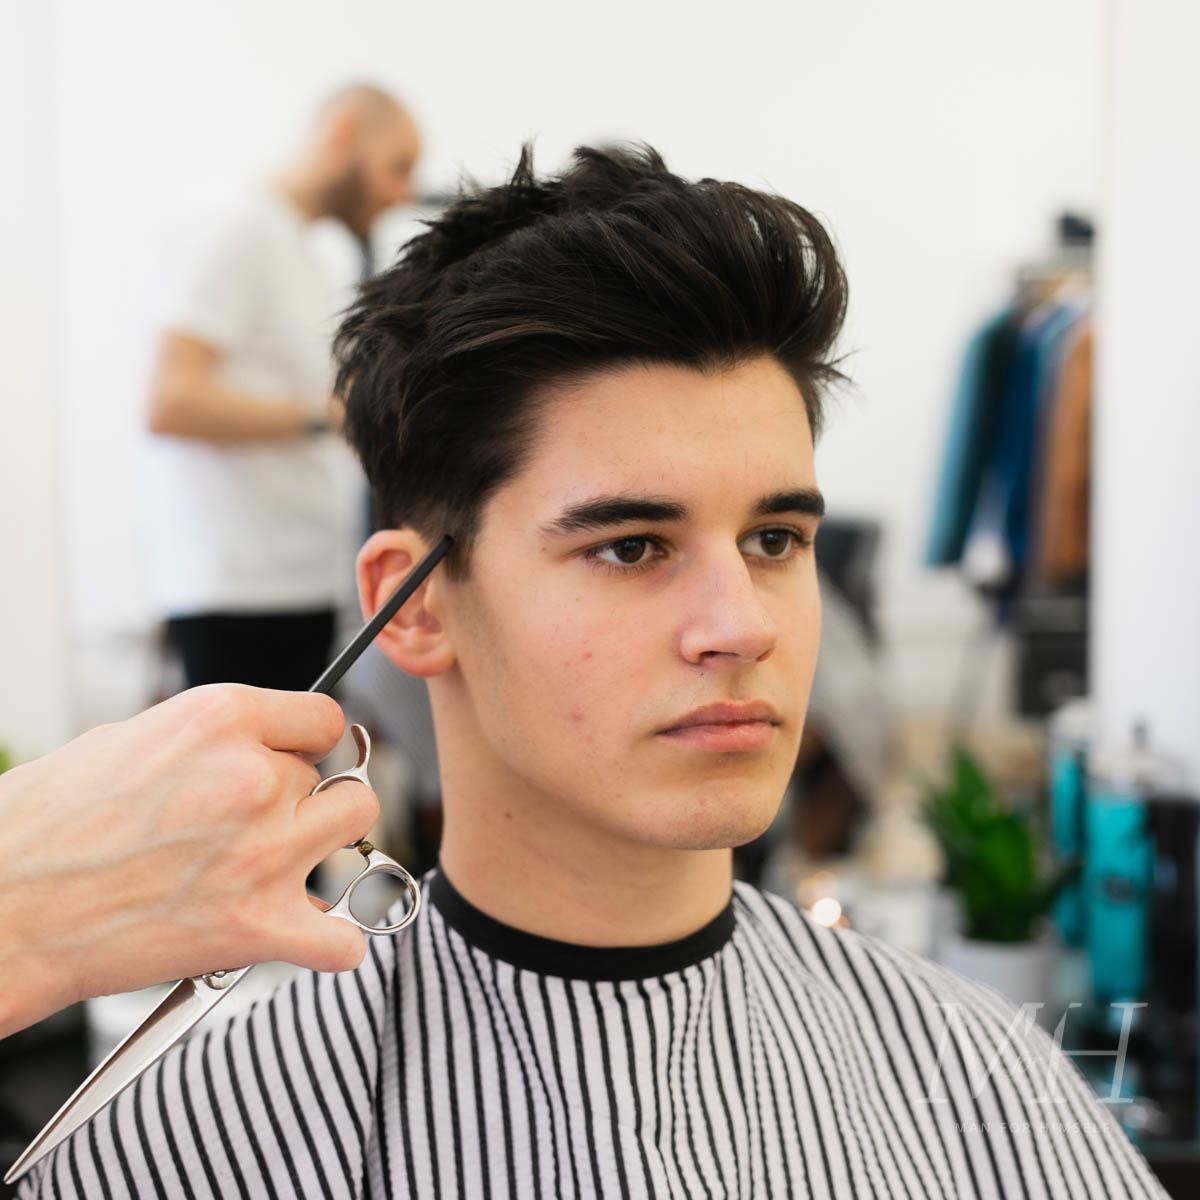 Mens-medium-haircut-quiff-hairstyle-MFH20-MFH5-Man-For-Himself-4